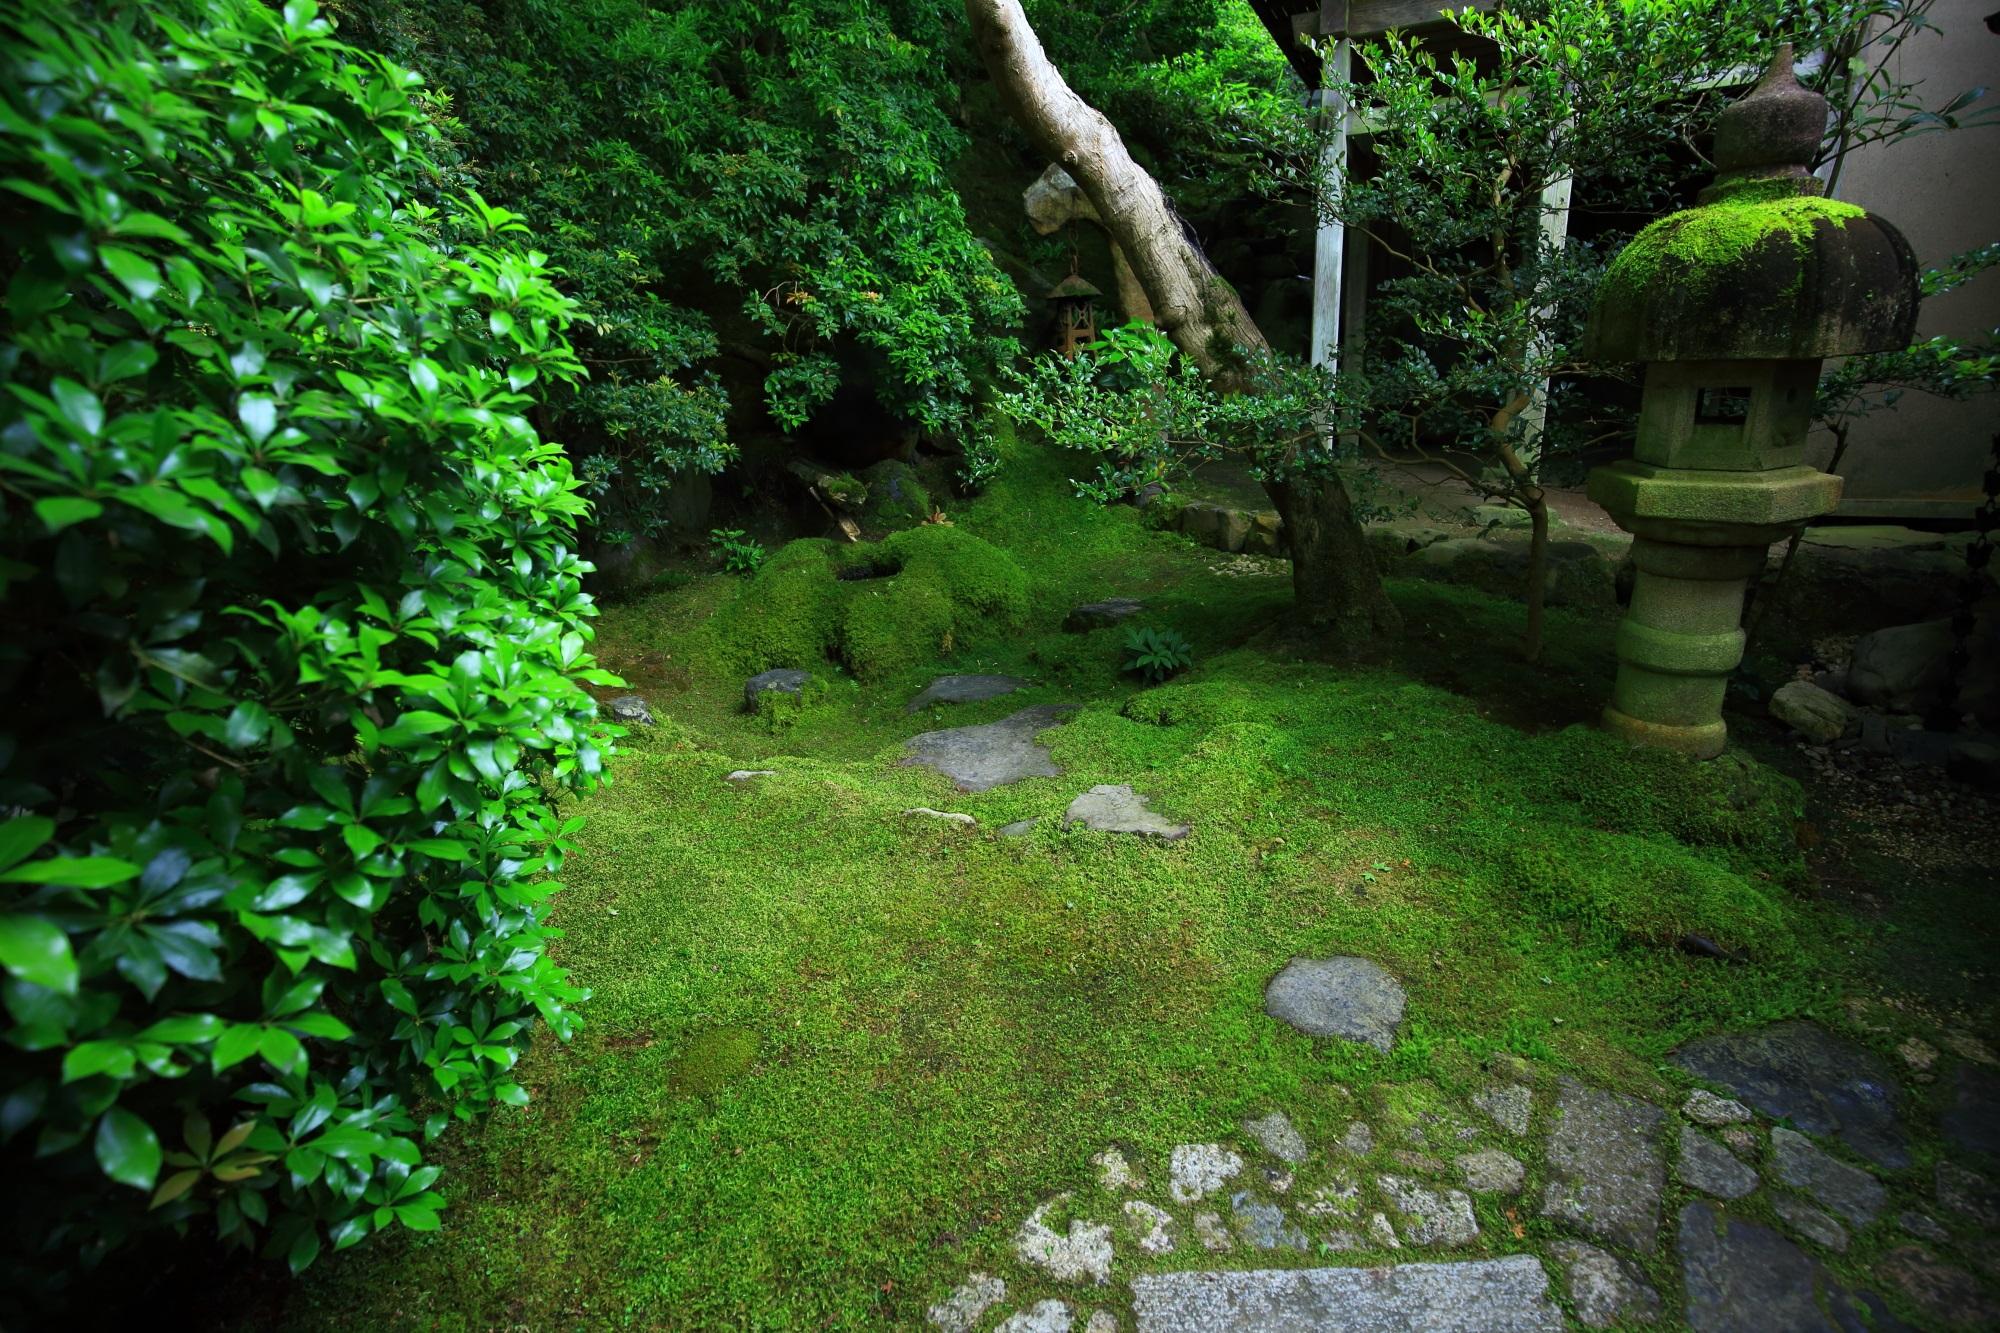 瑠璃光院の茶庵 喜鶴亭前の素晴らしい苔と灯籠